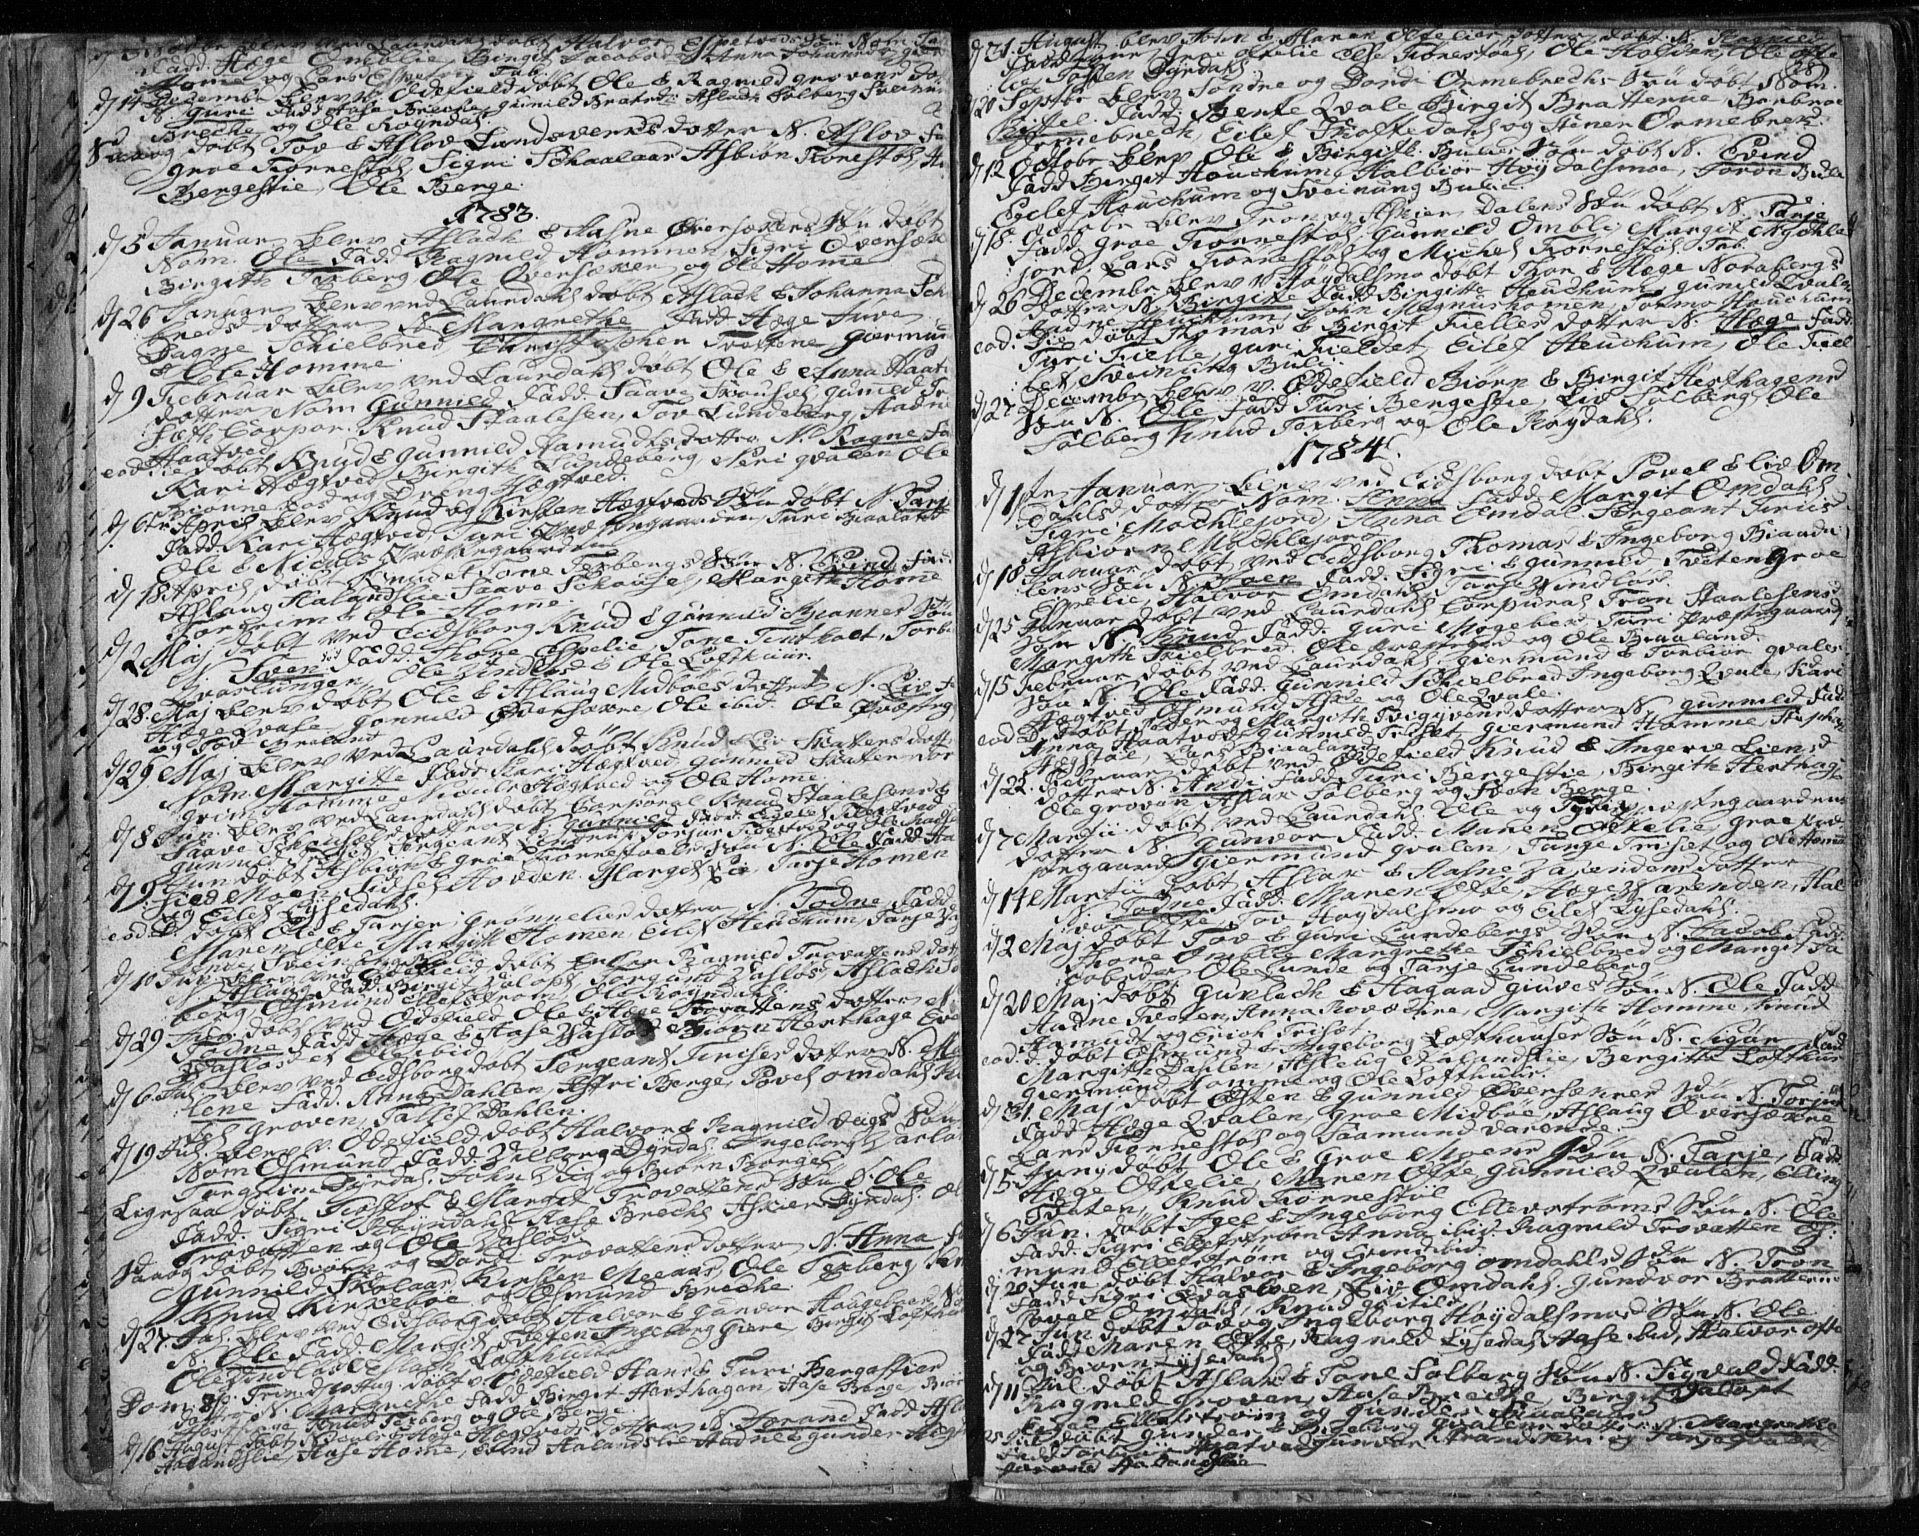 SAKO, Lårdal kirkebøker, F/Fa/L0003: Ministerialbok nr. I 3, 1754-1790, s. 28